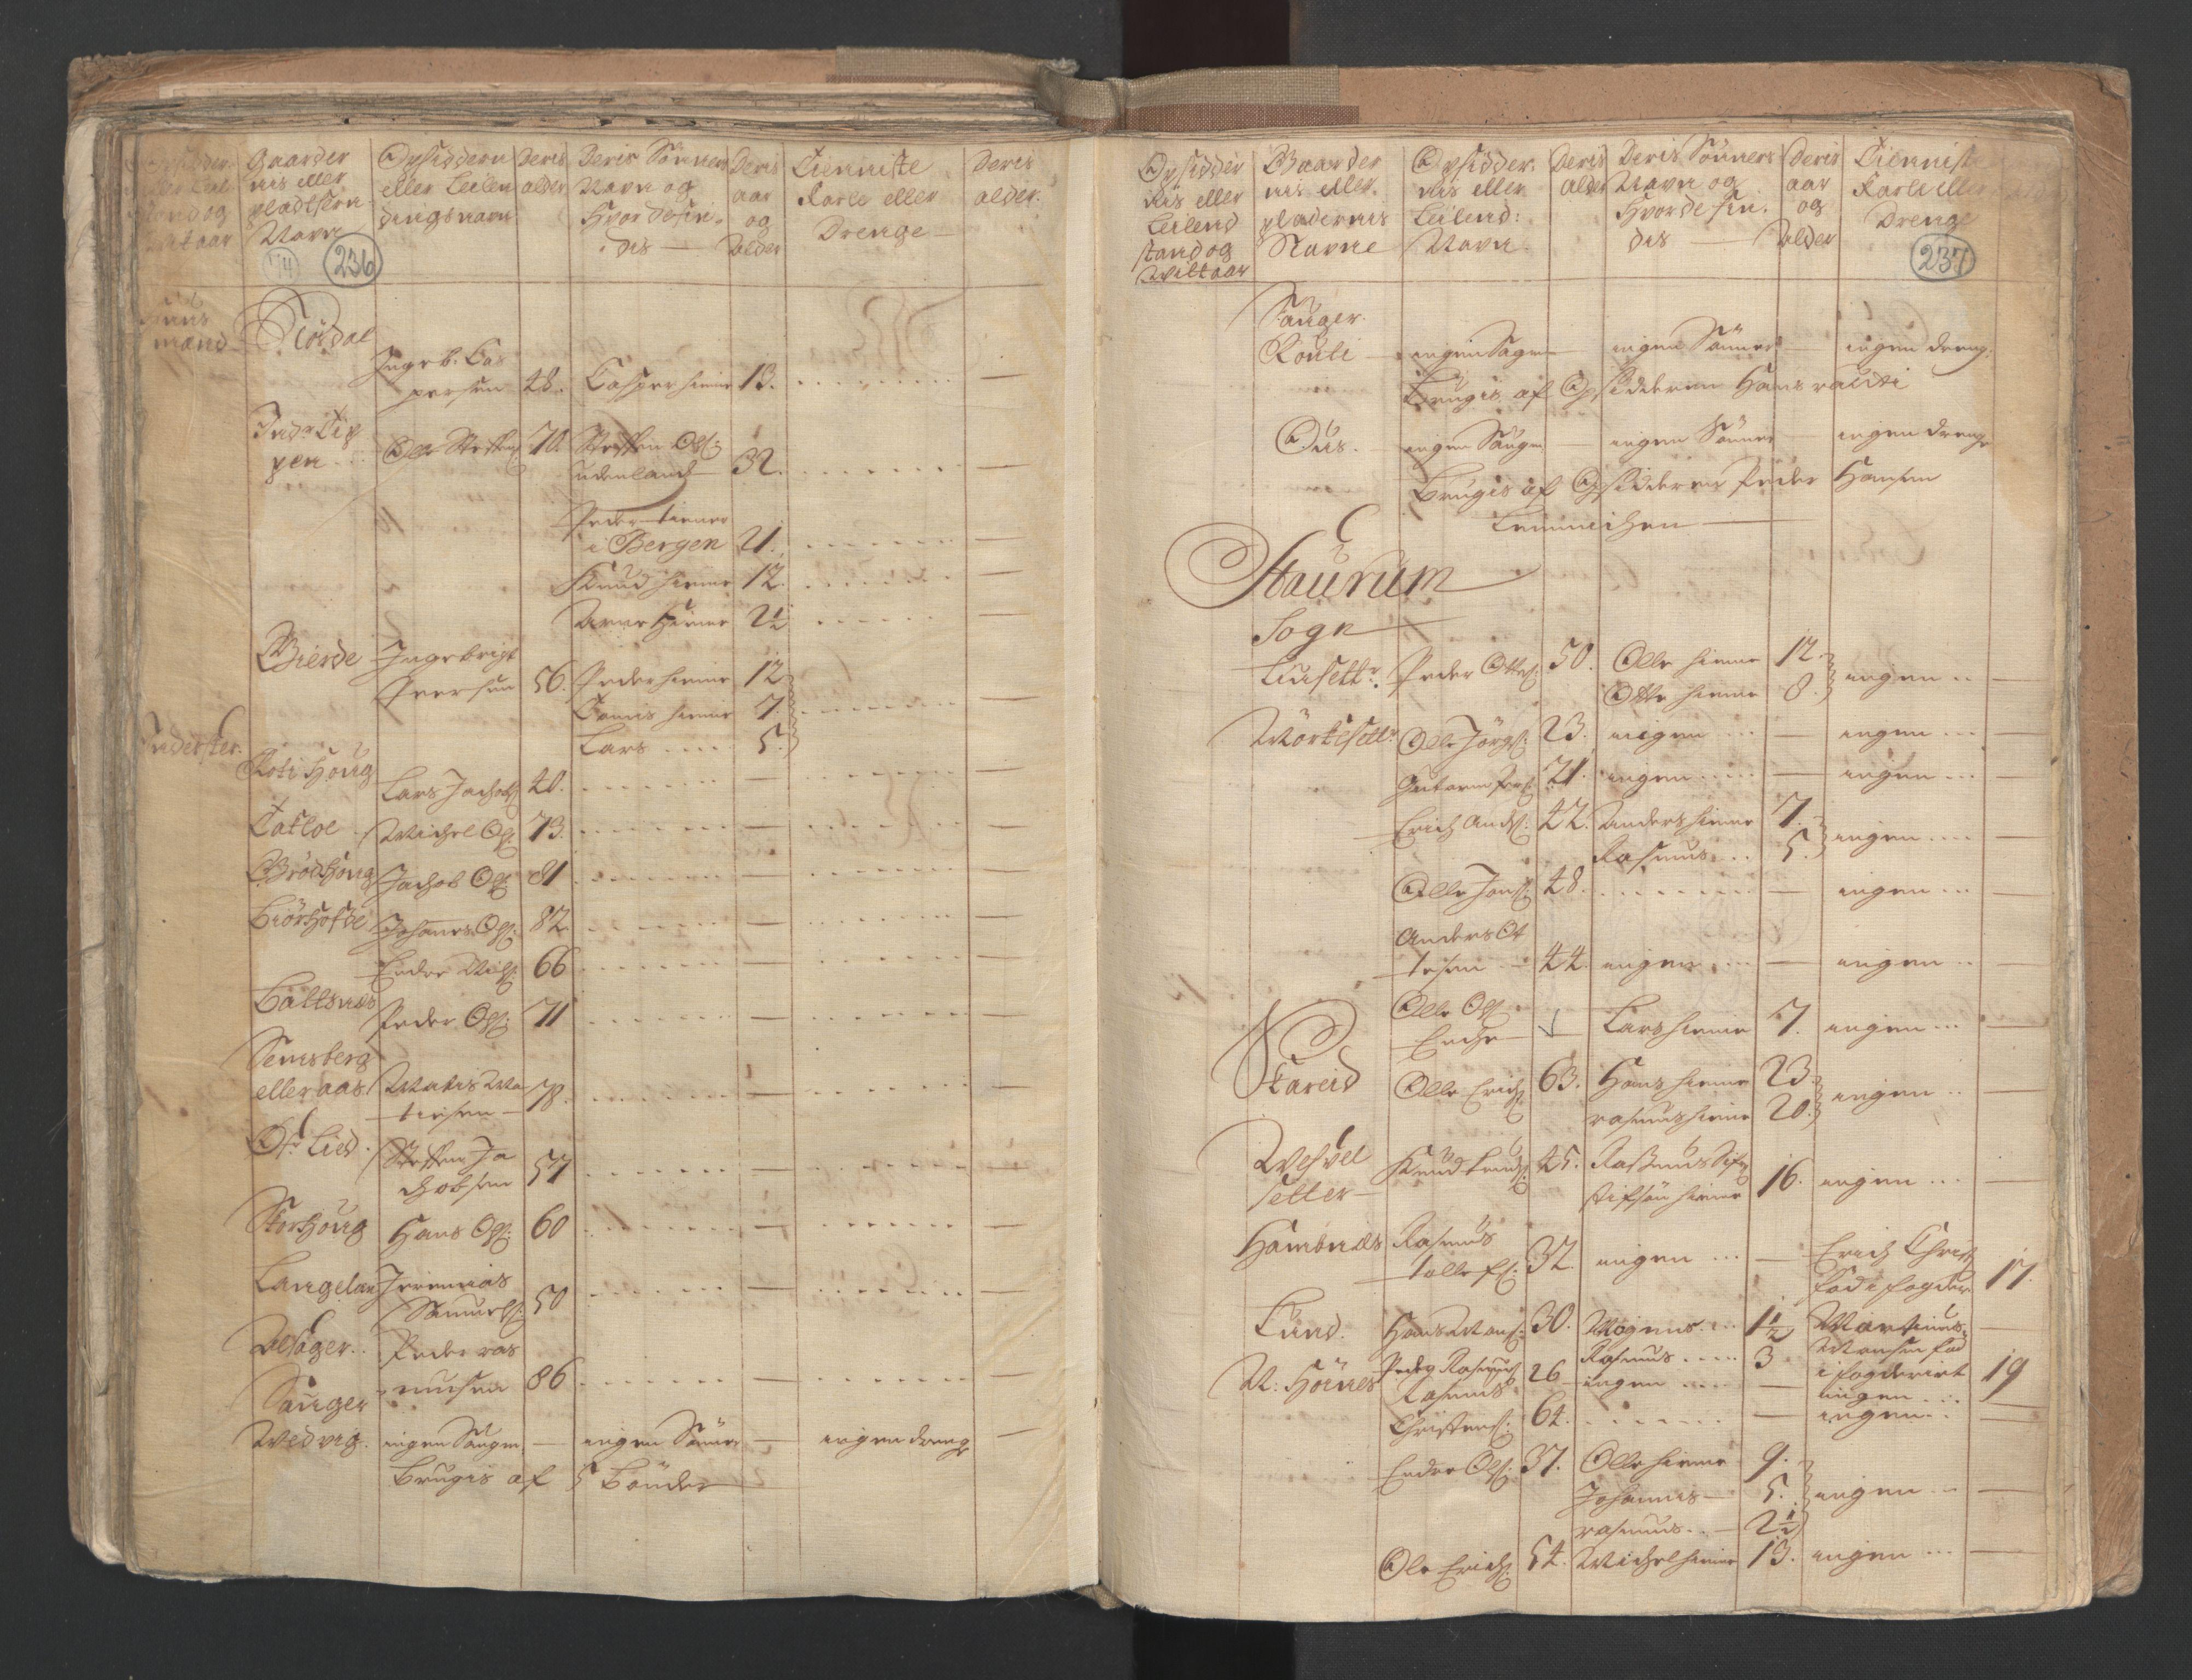 RA, Manntallet 1701, nr. 9: Sunnfjord fogderi, Nordfjord fogderi og Svanø birk, 1701, s. 236-237